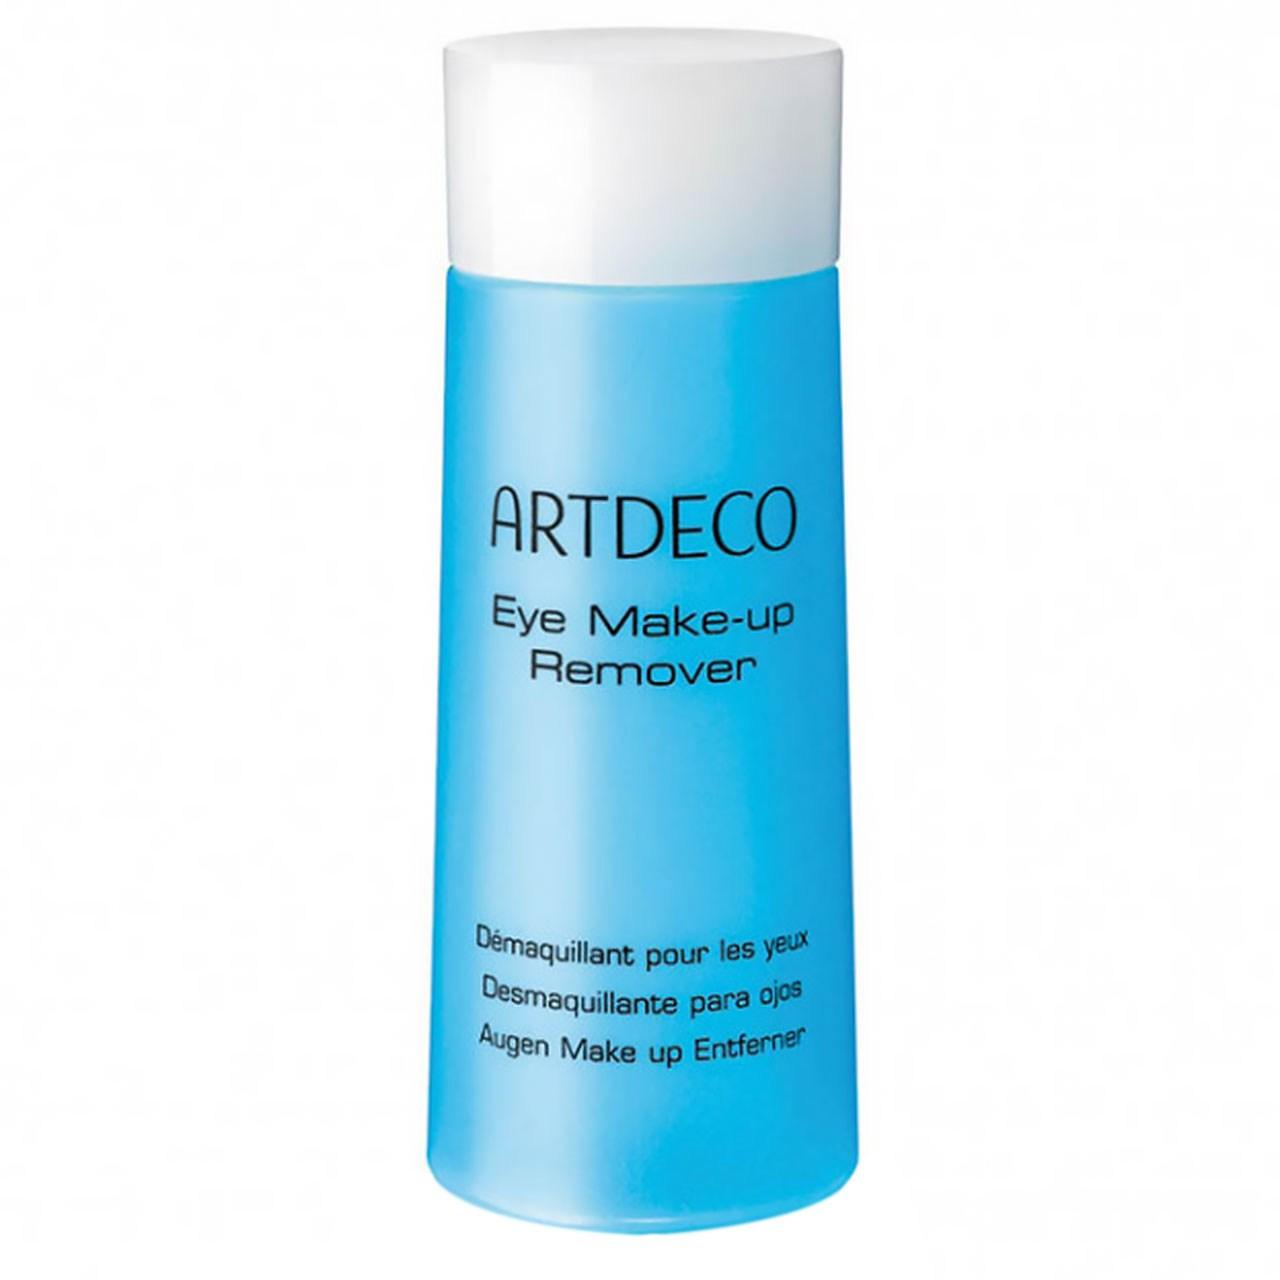 قیمت محلول پاک کننده آرایش آرت دکو مدل Eye Makeup Remover حجم 125 میلی لیتر